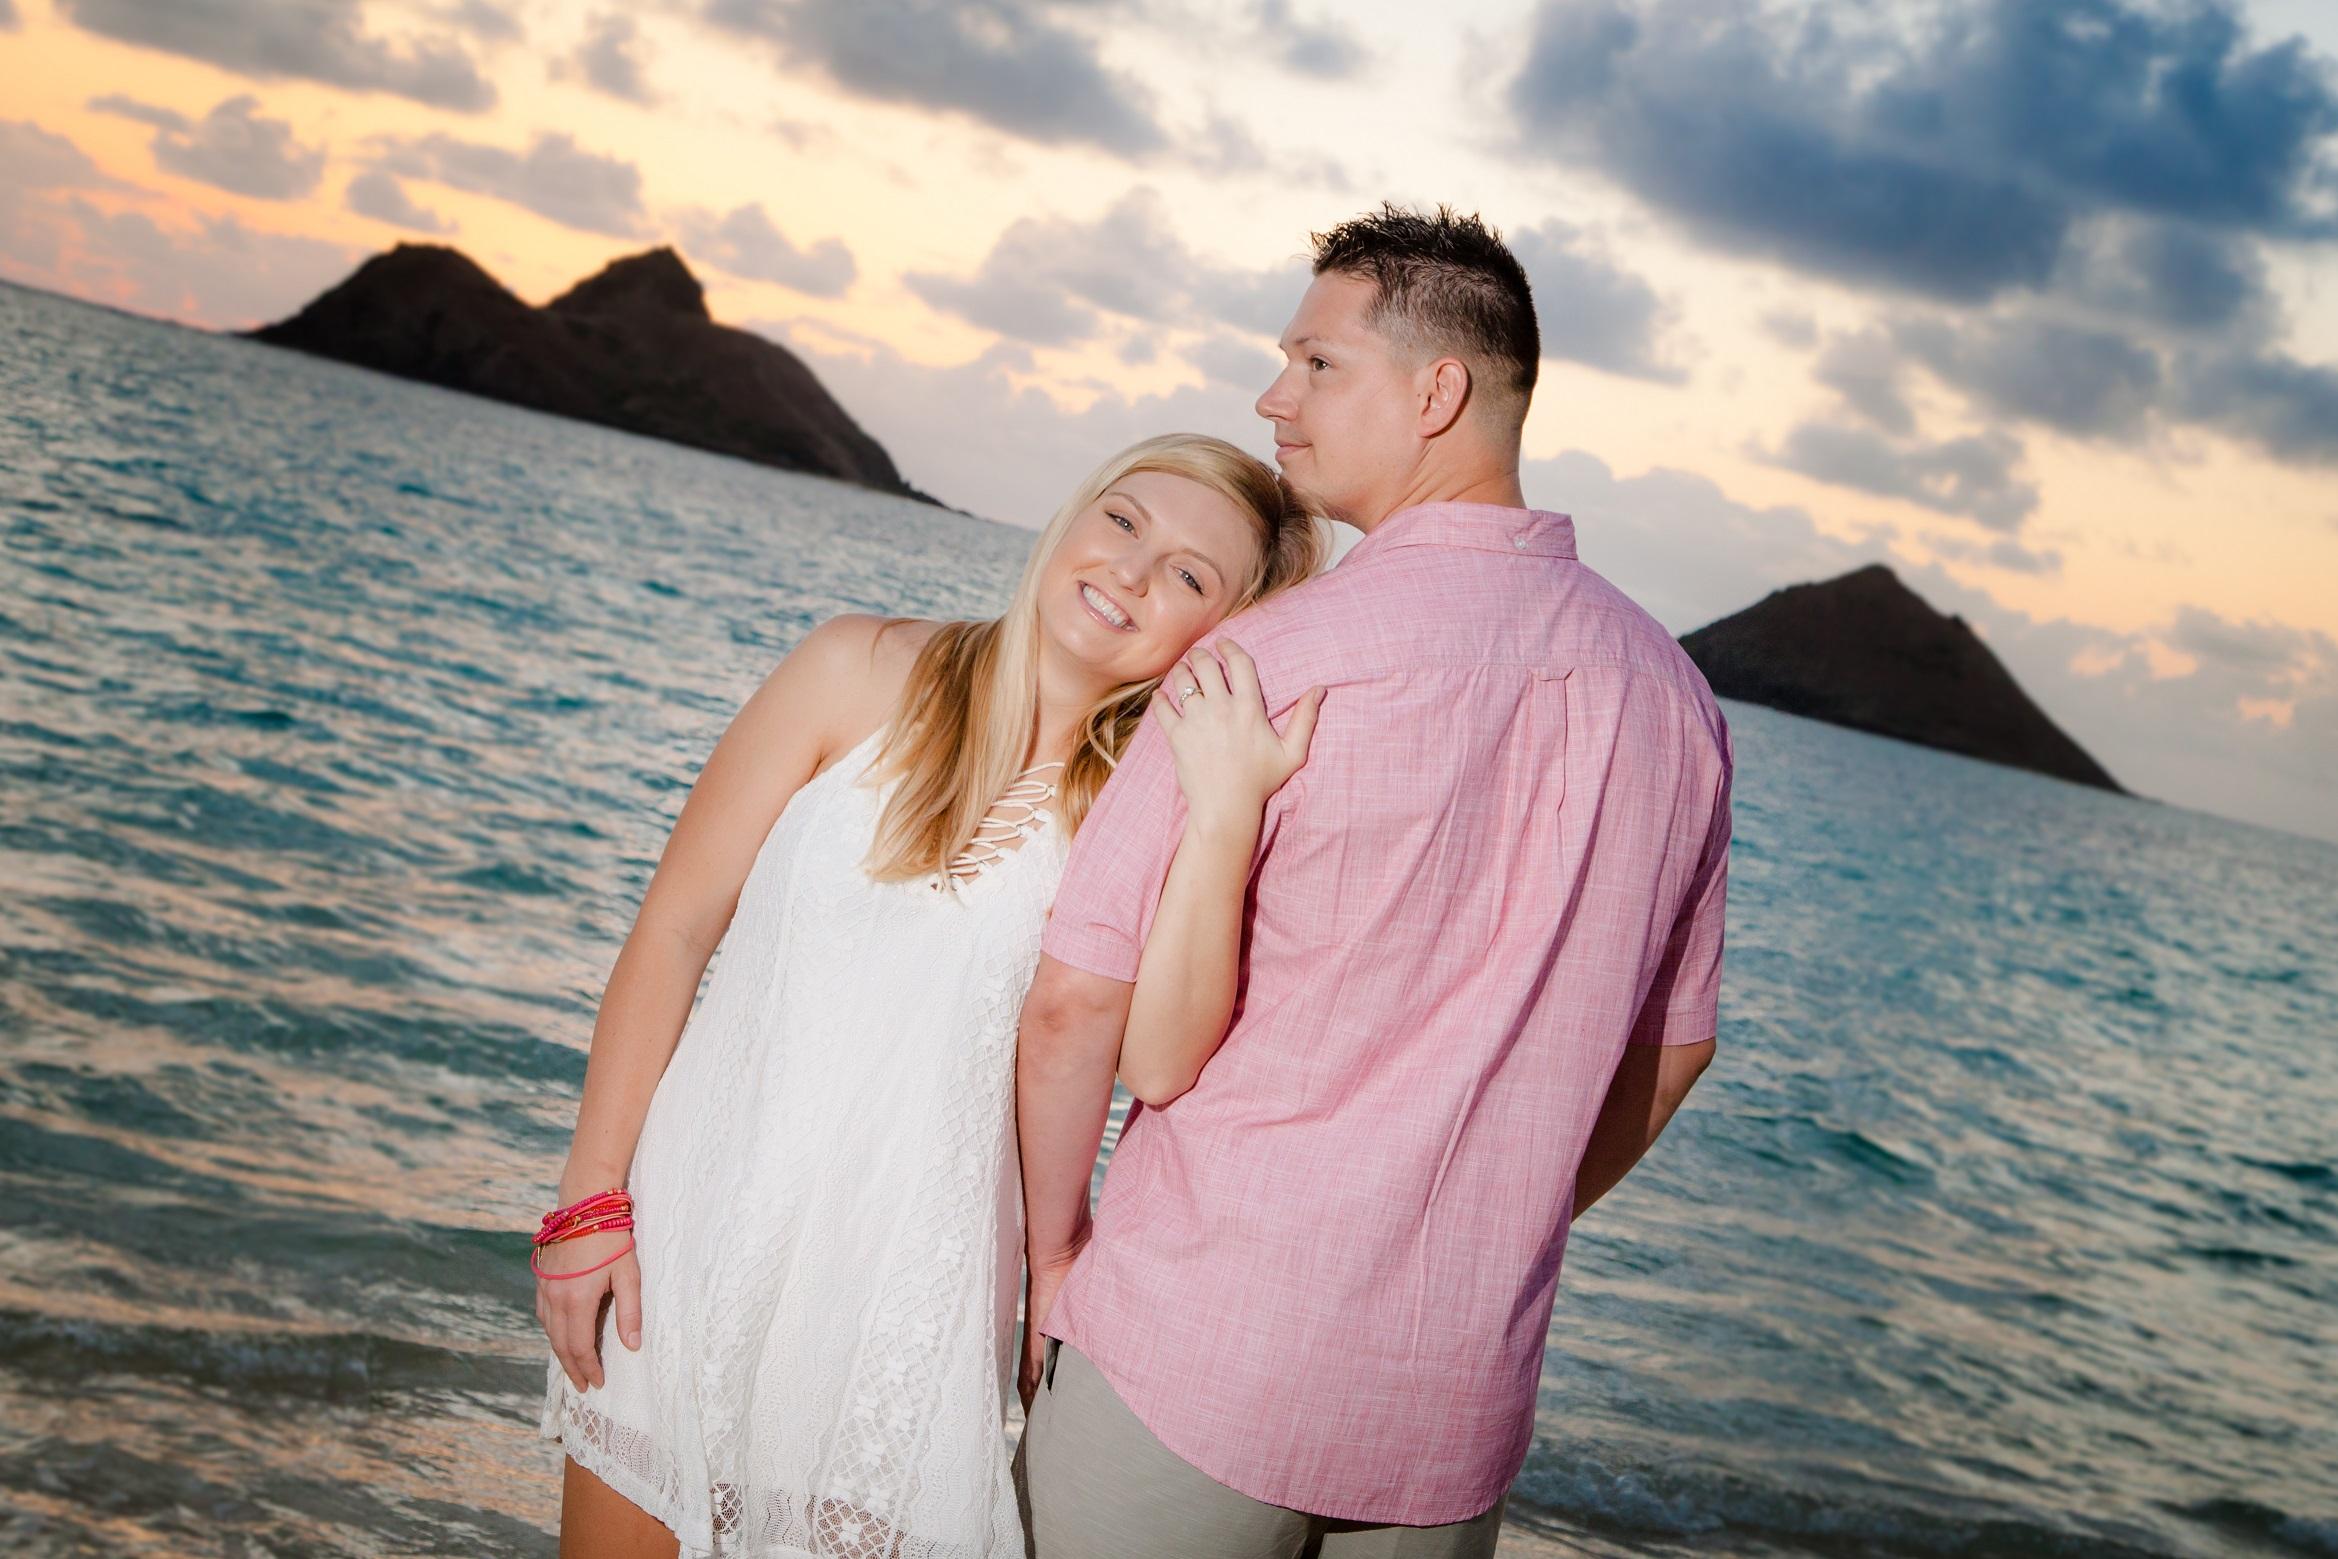 couples sunrise engagement photo lanikai beach oahu